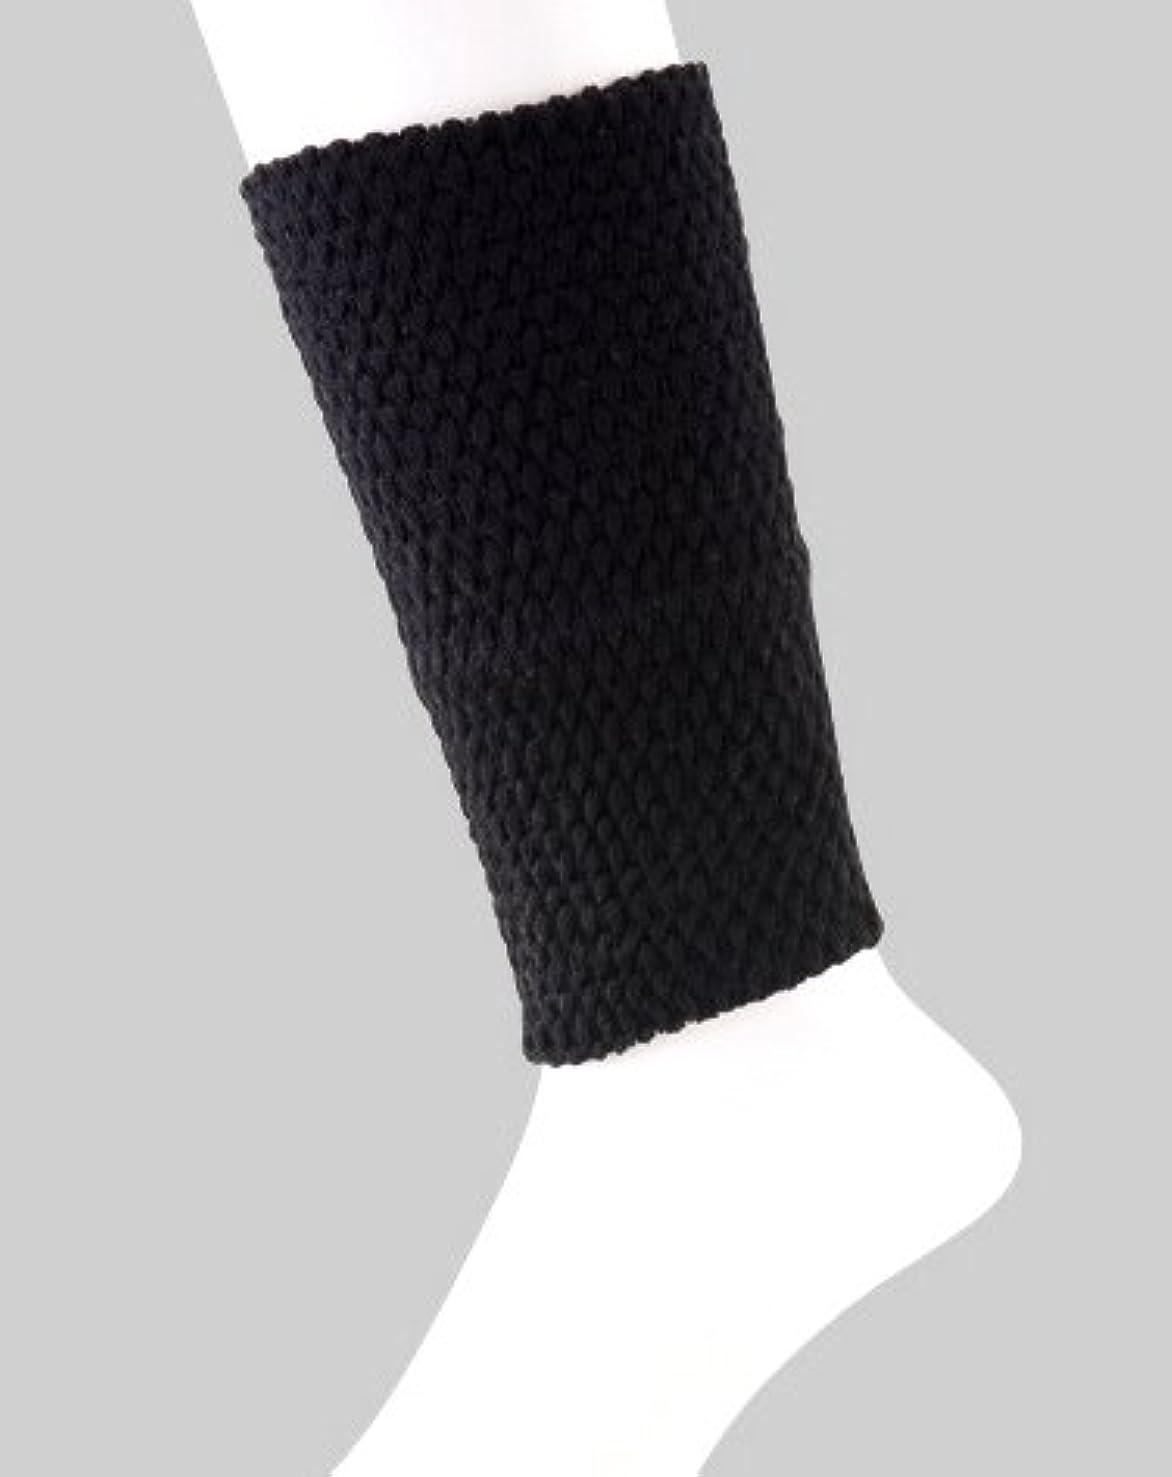 謎中級不均一日本製 足首ウォーマー 表綿100% 二重構造で暖かい 春夏 冷房対策 20cm丈 (ブラック)